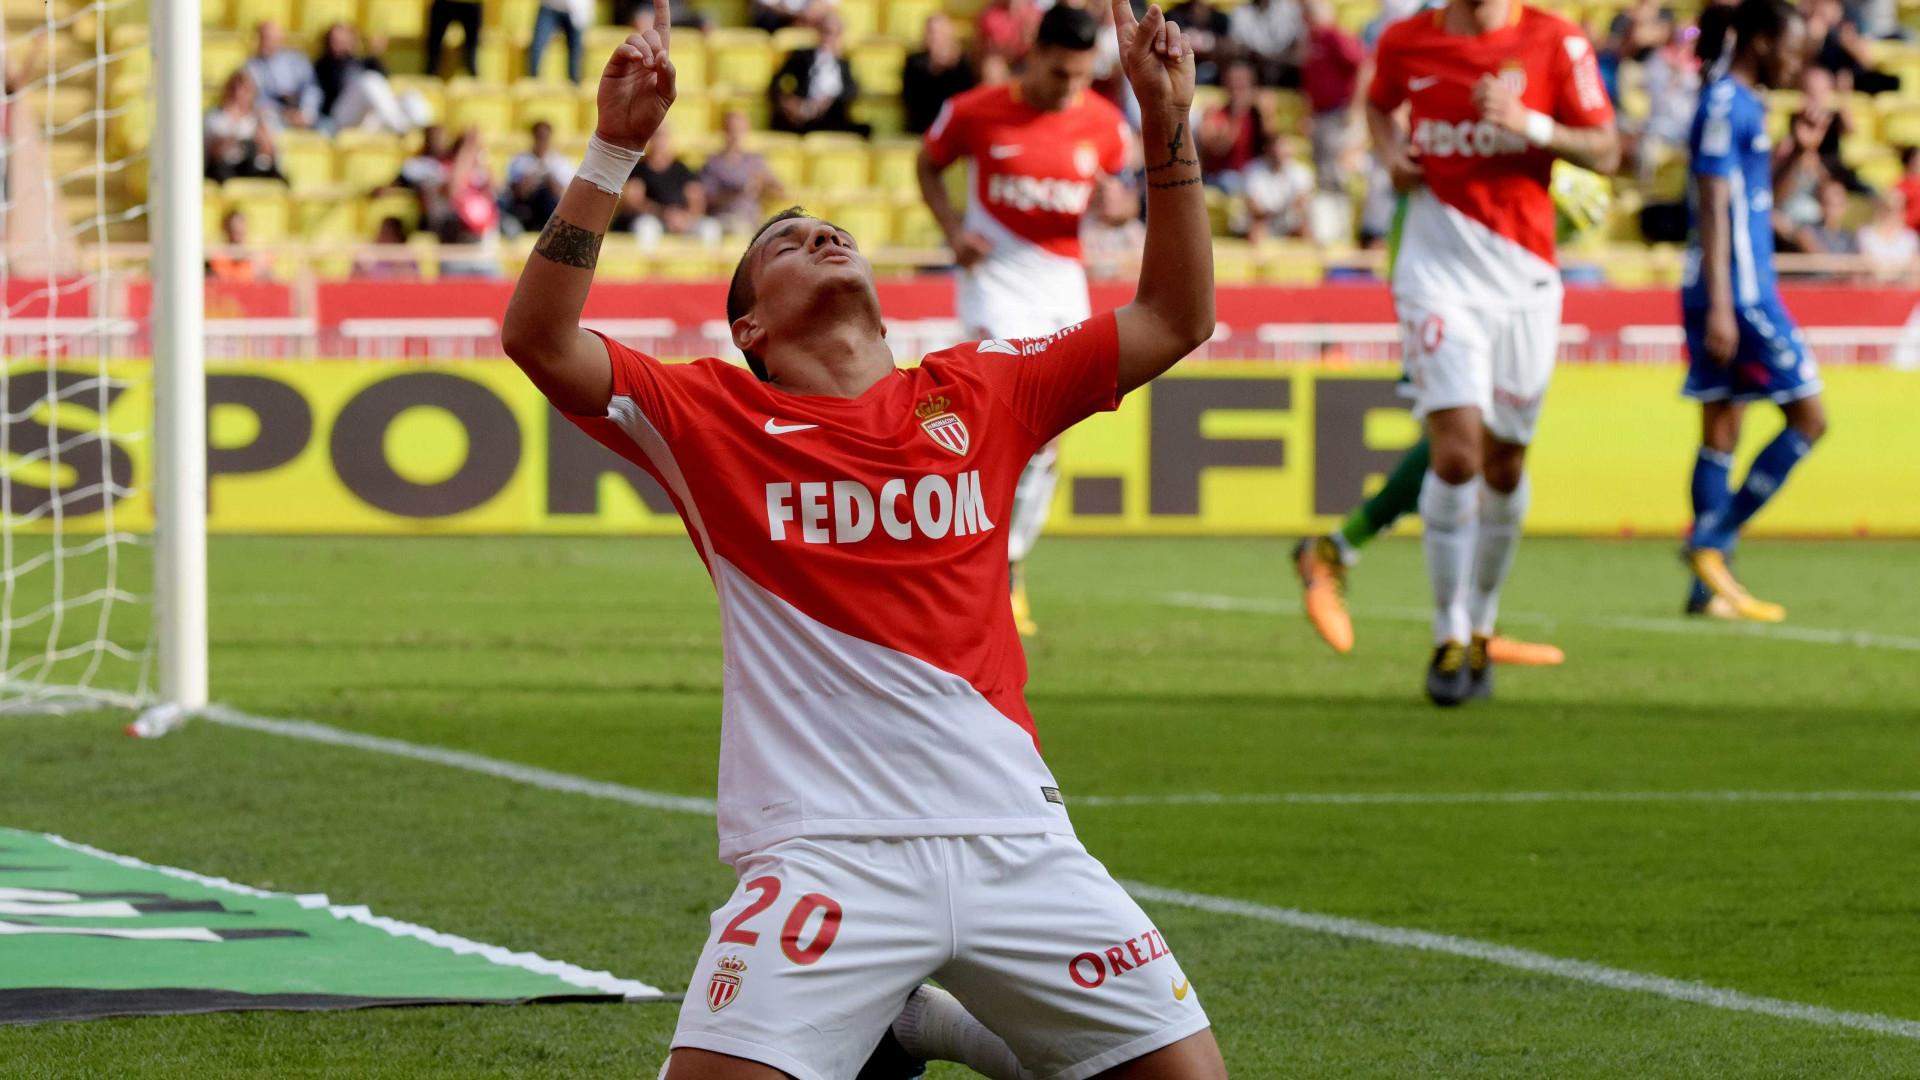 Atenção FC Porto: Rony Lopes empurra Monaco para primeiro triunfo do mês